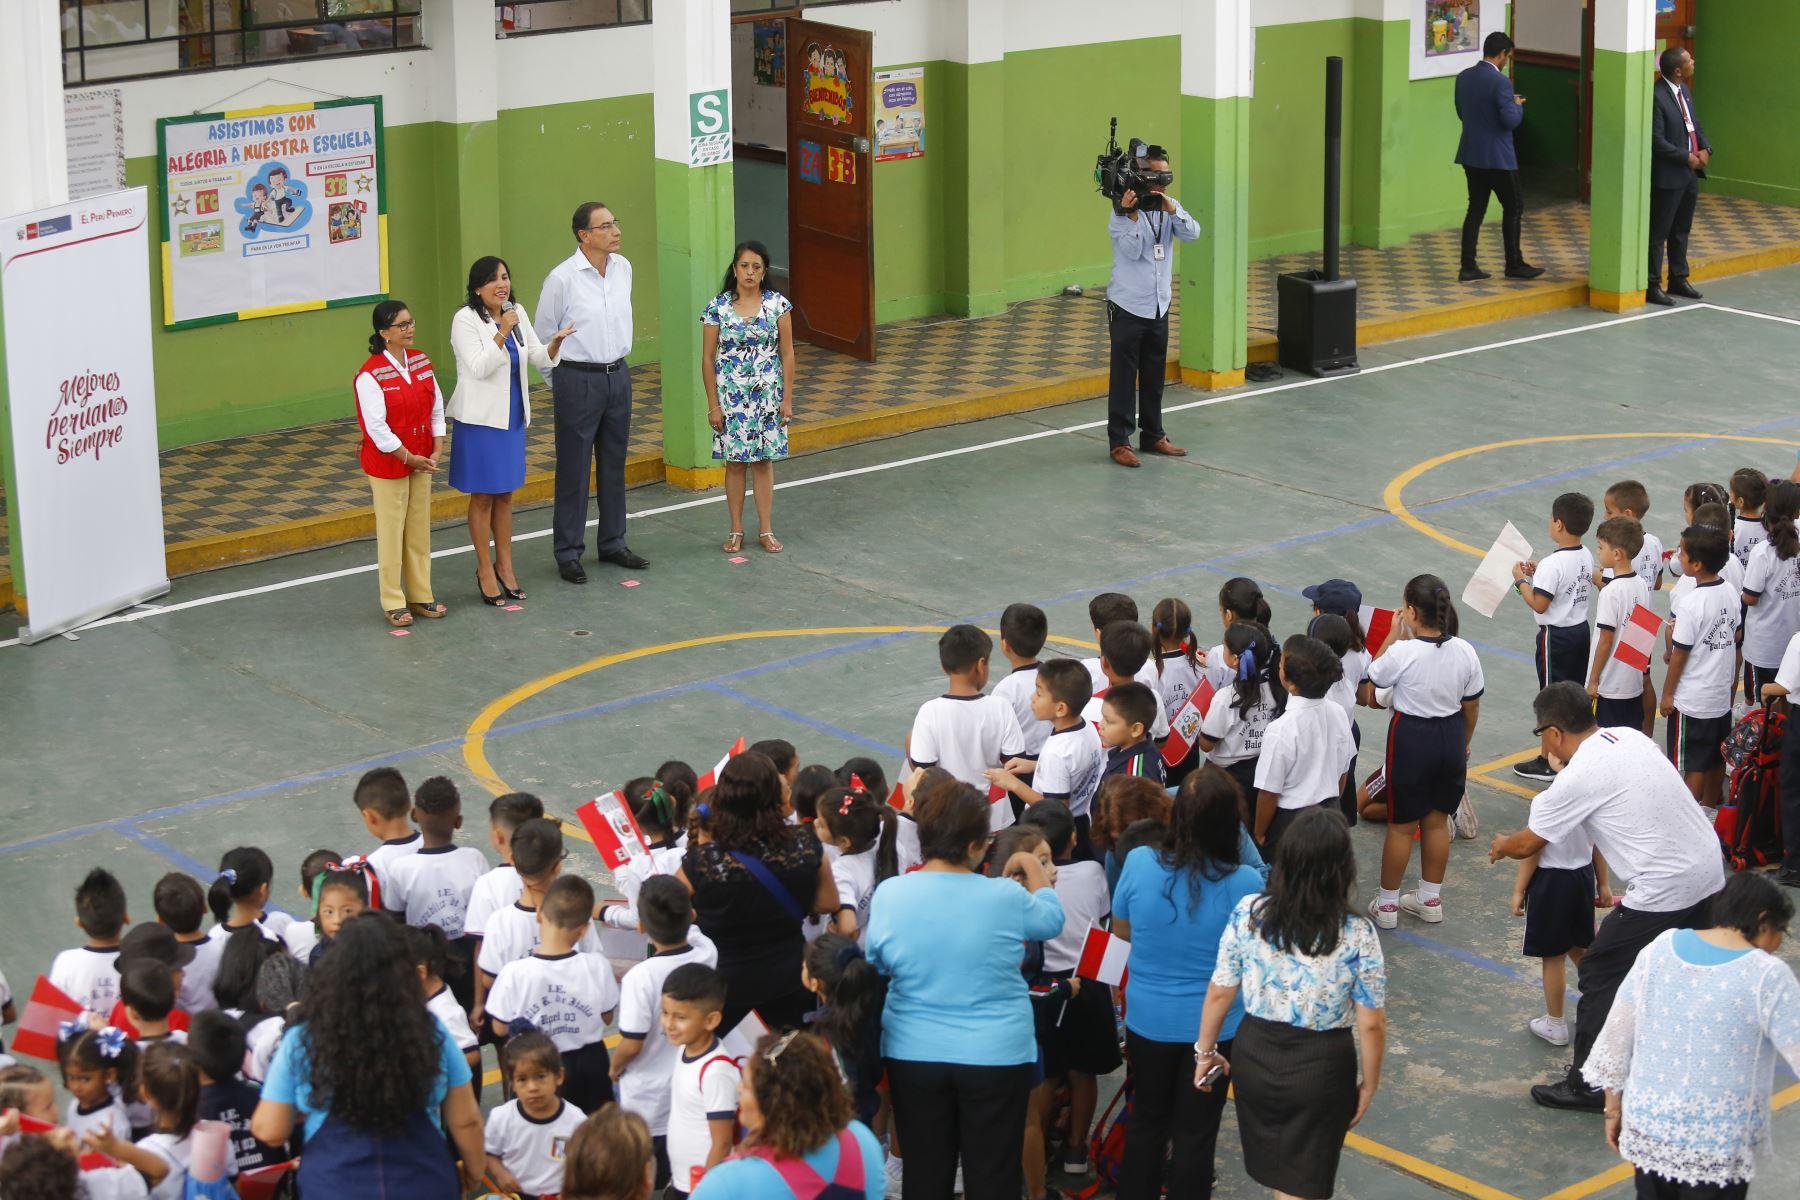 Jefe de Estado inspecciona I. E. N° 1015 República de Italia, en el Cercado de Lima, donde realizó un balance del inicio del año escolar. Foto: ANDINA/Prensa Presidencia